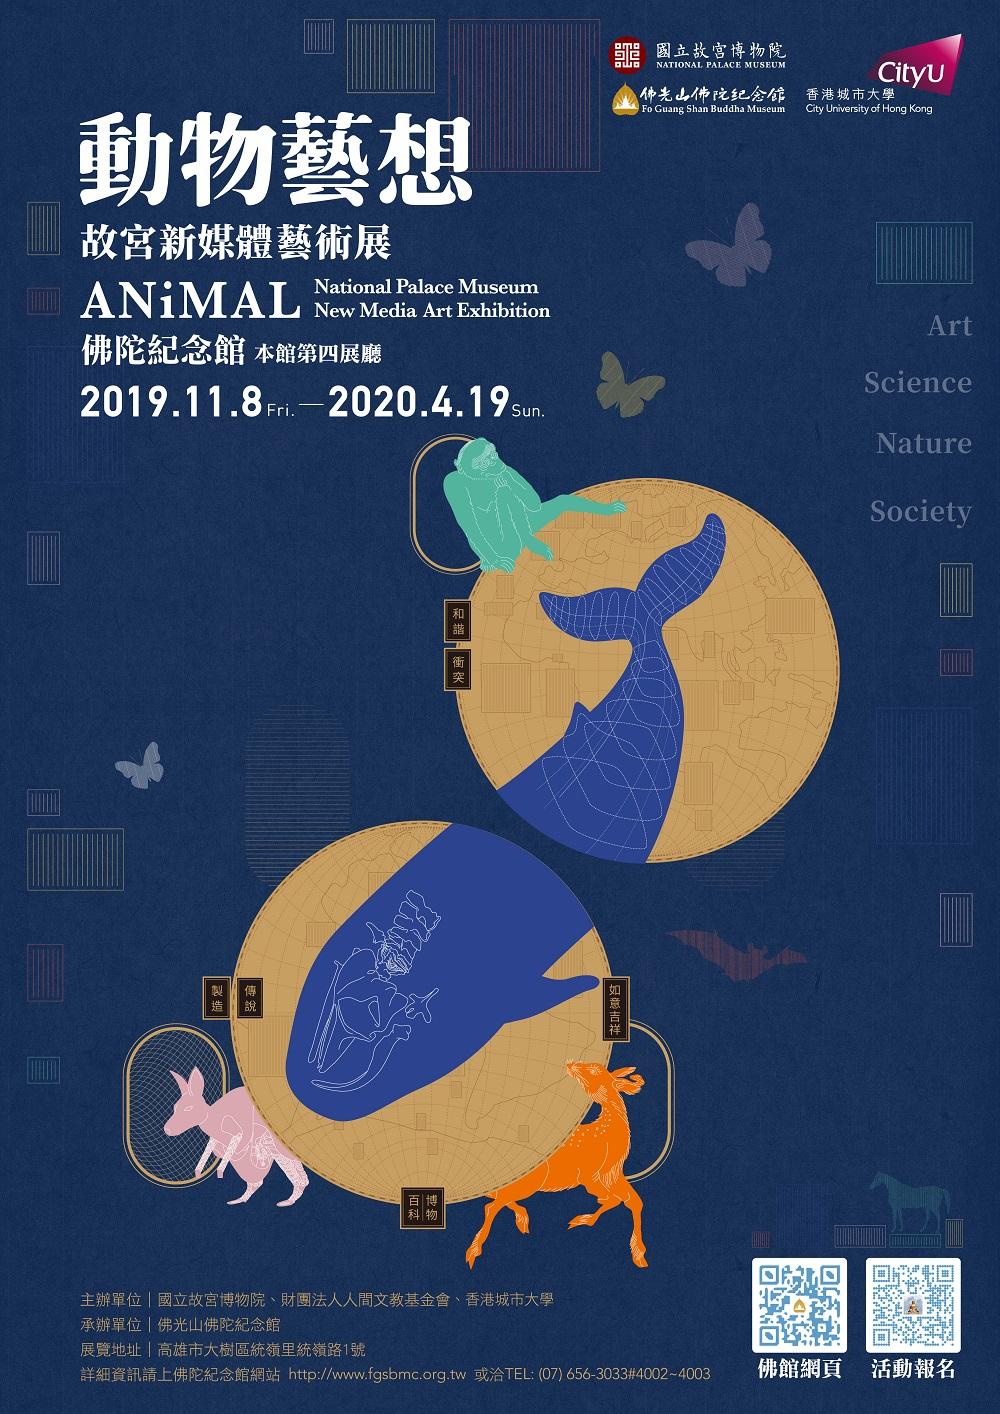 佛光山佛陀紀念館:2019/10/19-2020/01/05【動物藝想-故宮新媒體藝術展】